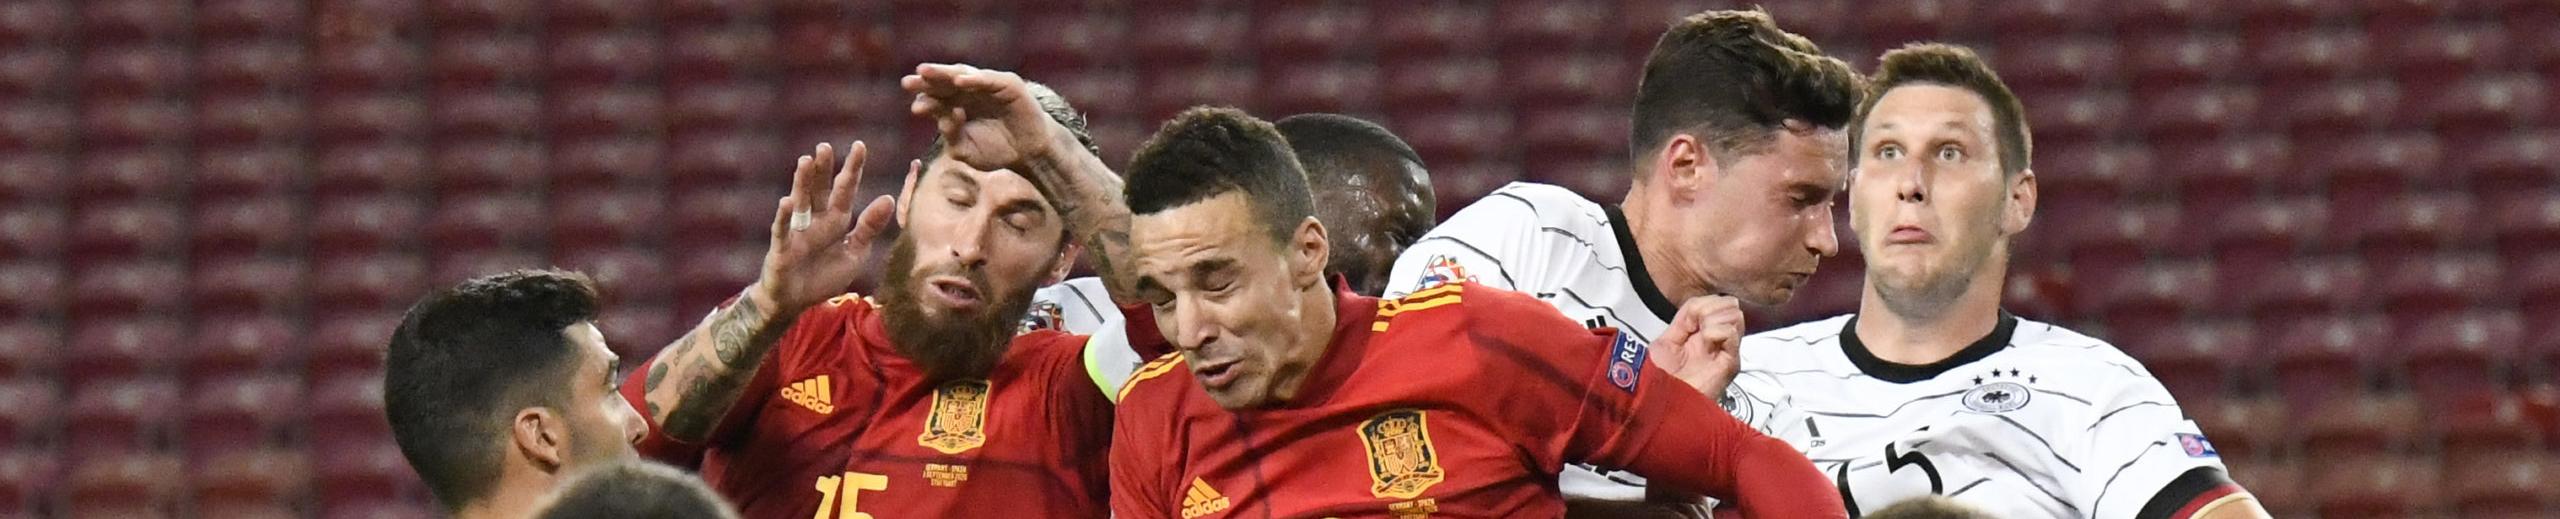 Spagna-Germania, scontro tra giganti nel gruppo D: chi si prende un posto nelle Final Four?